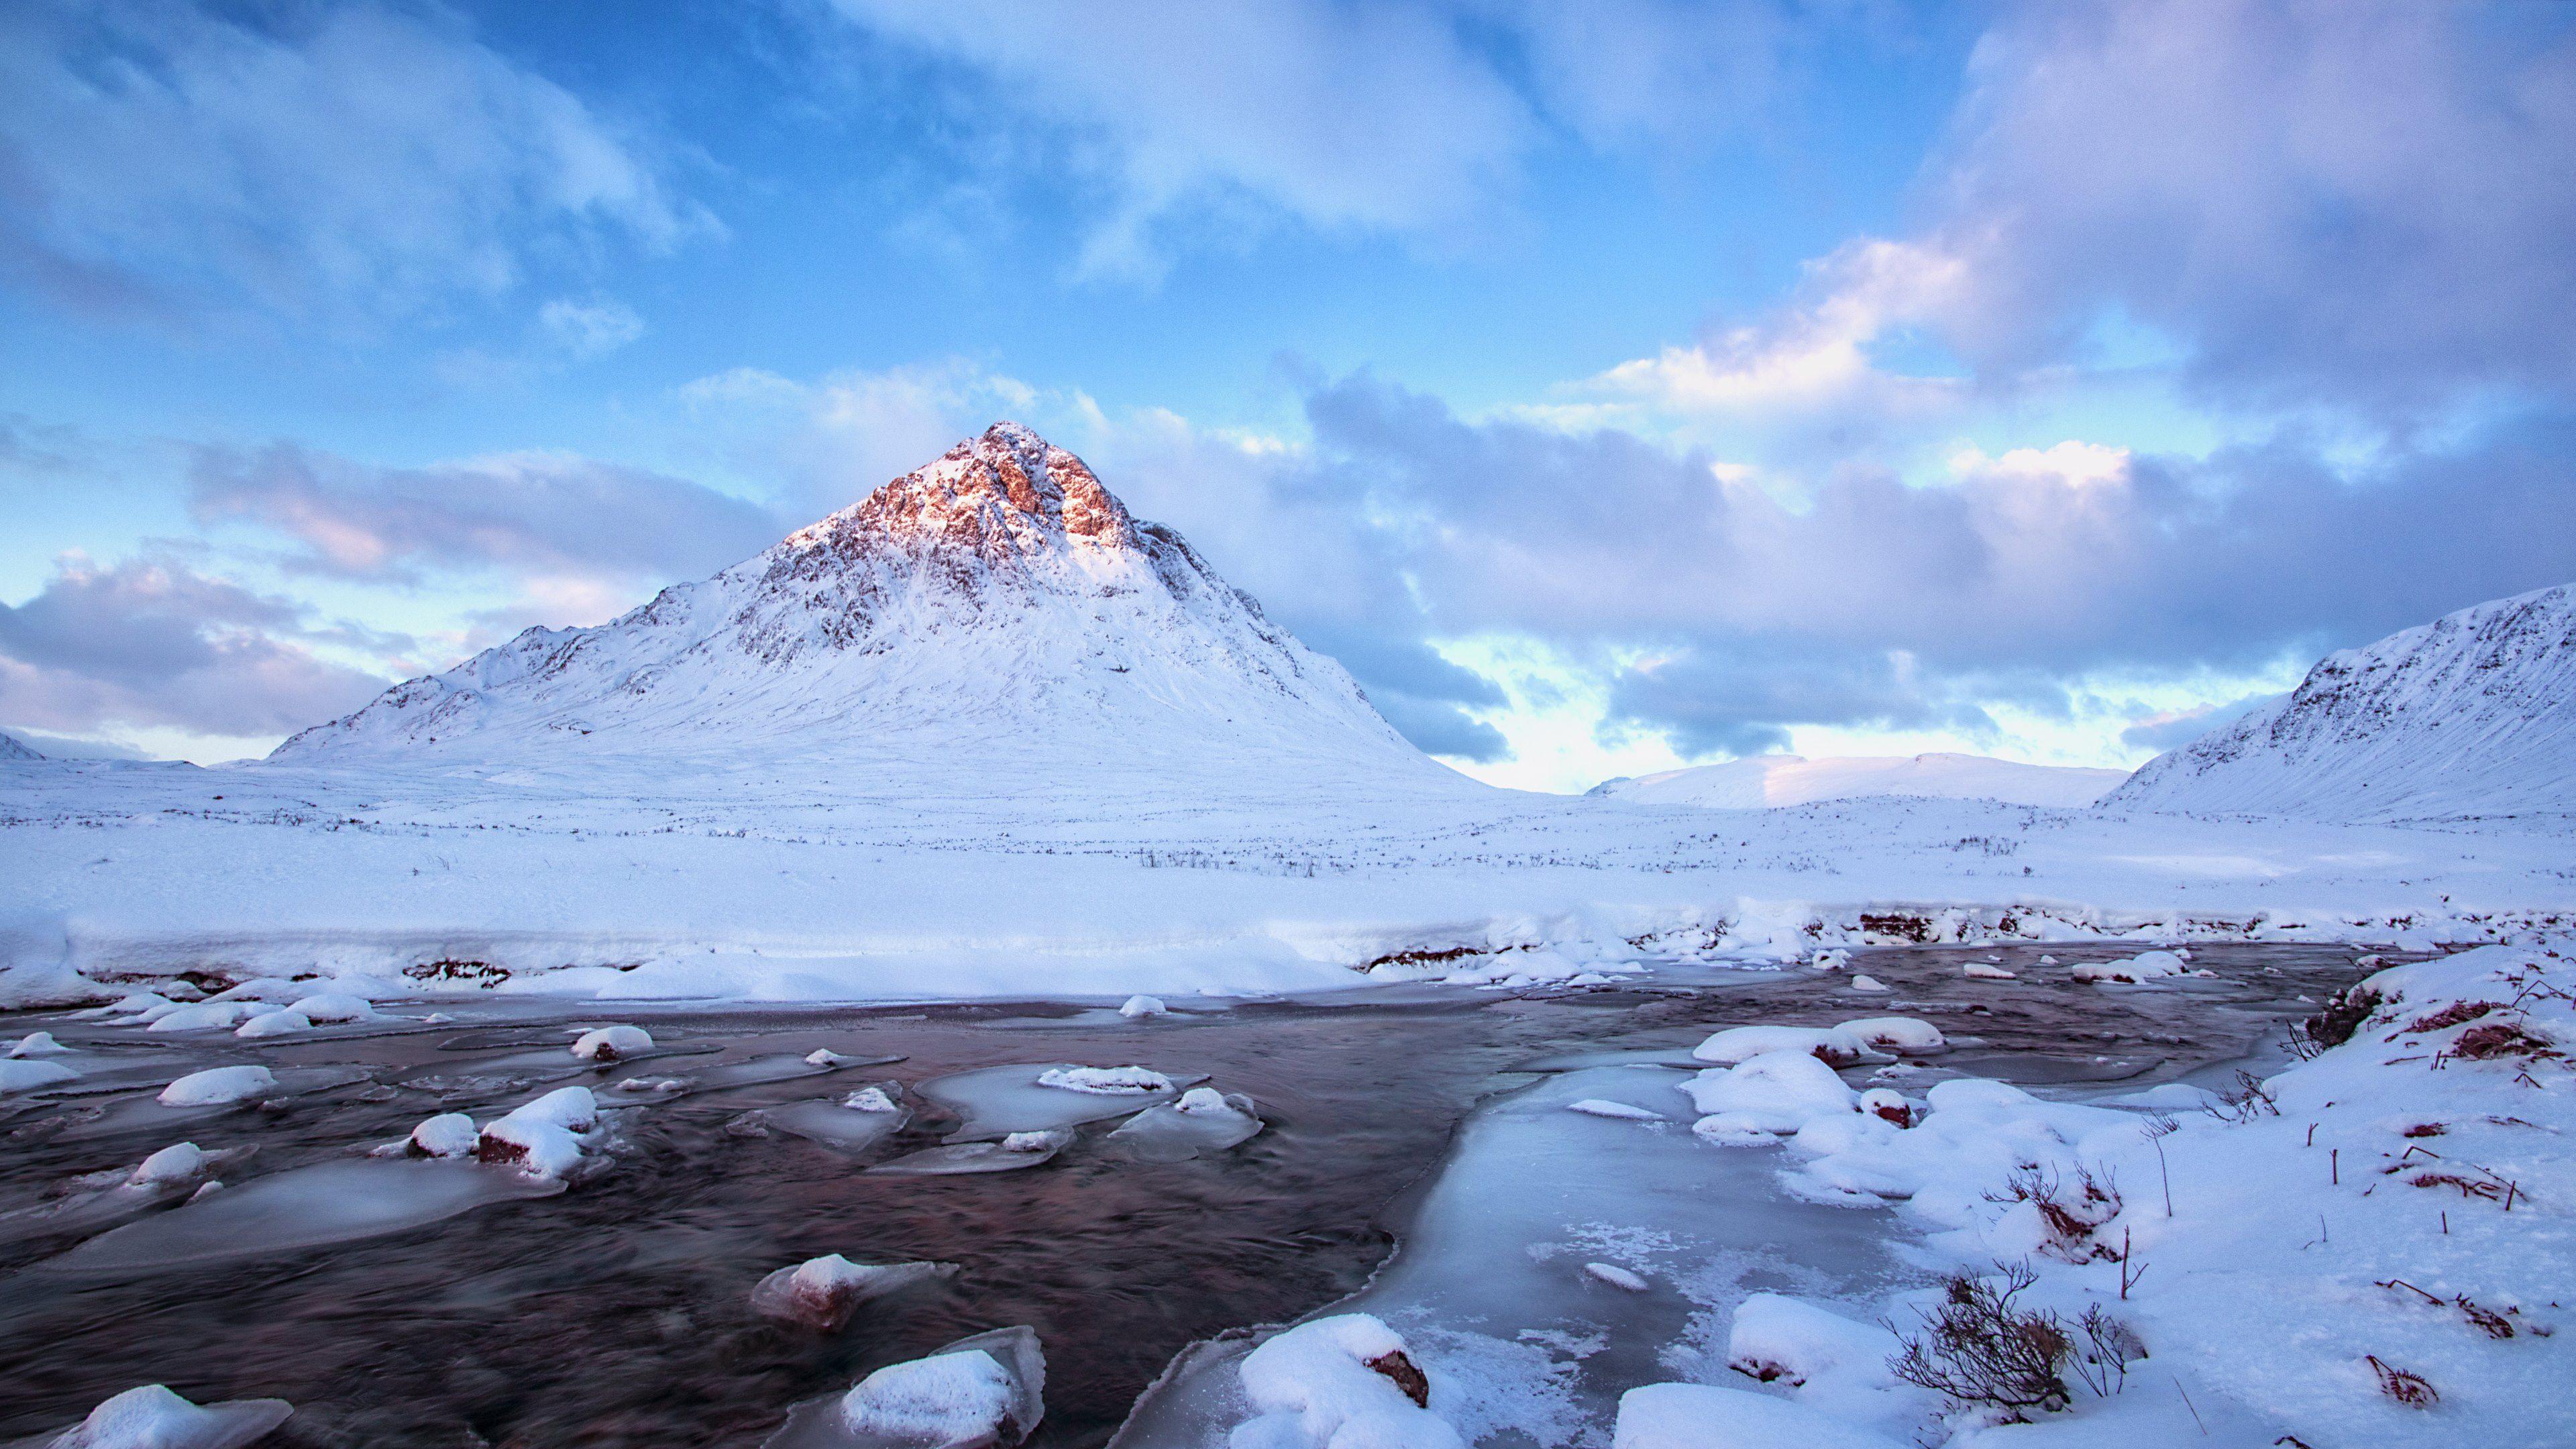 Great Wallpaper Mountain Winter - snow-mountains-winter-scenery-4k-de  Picture_49421.jpg